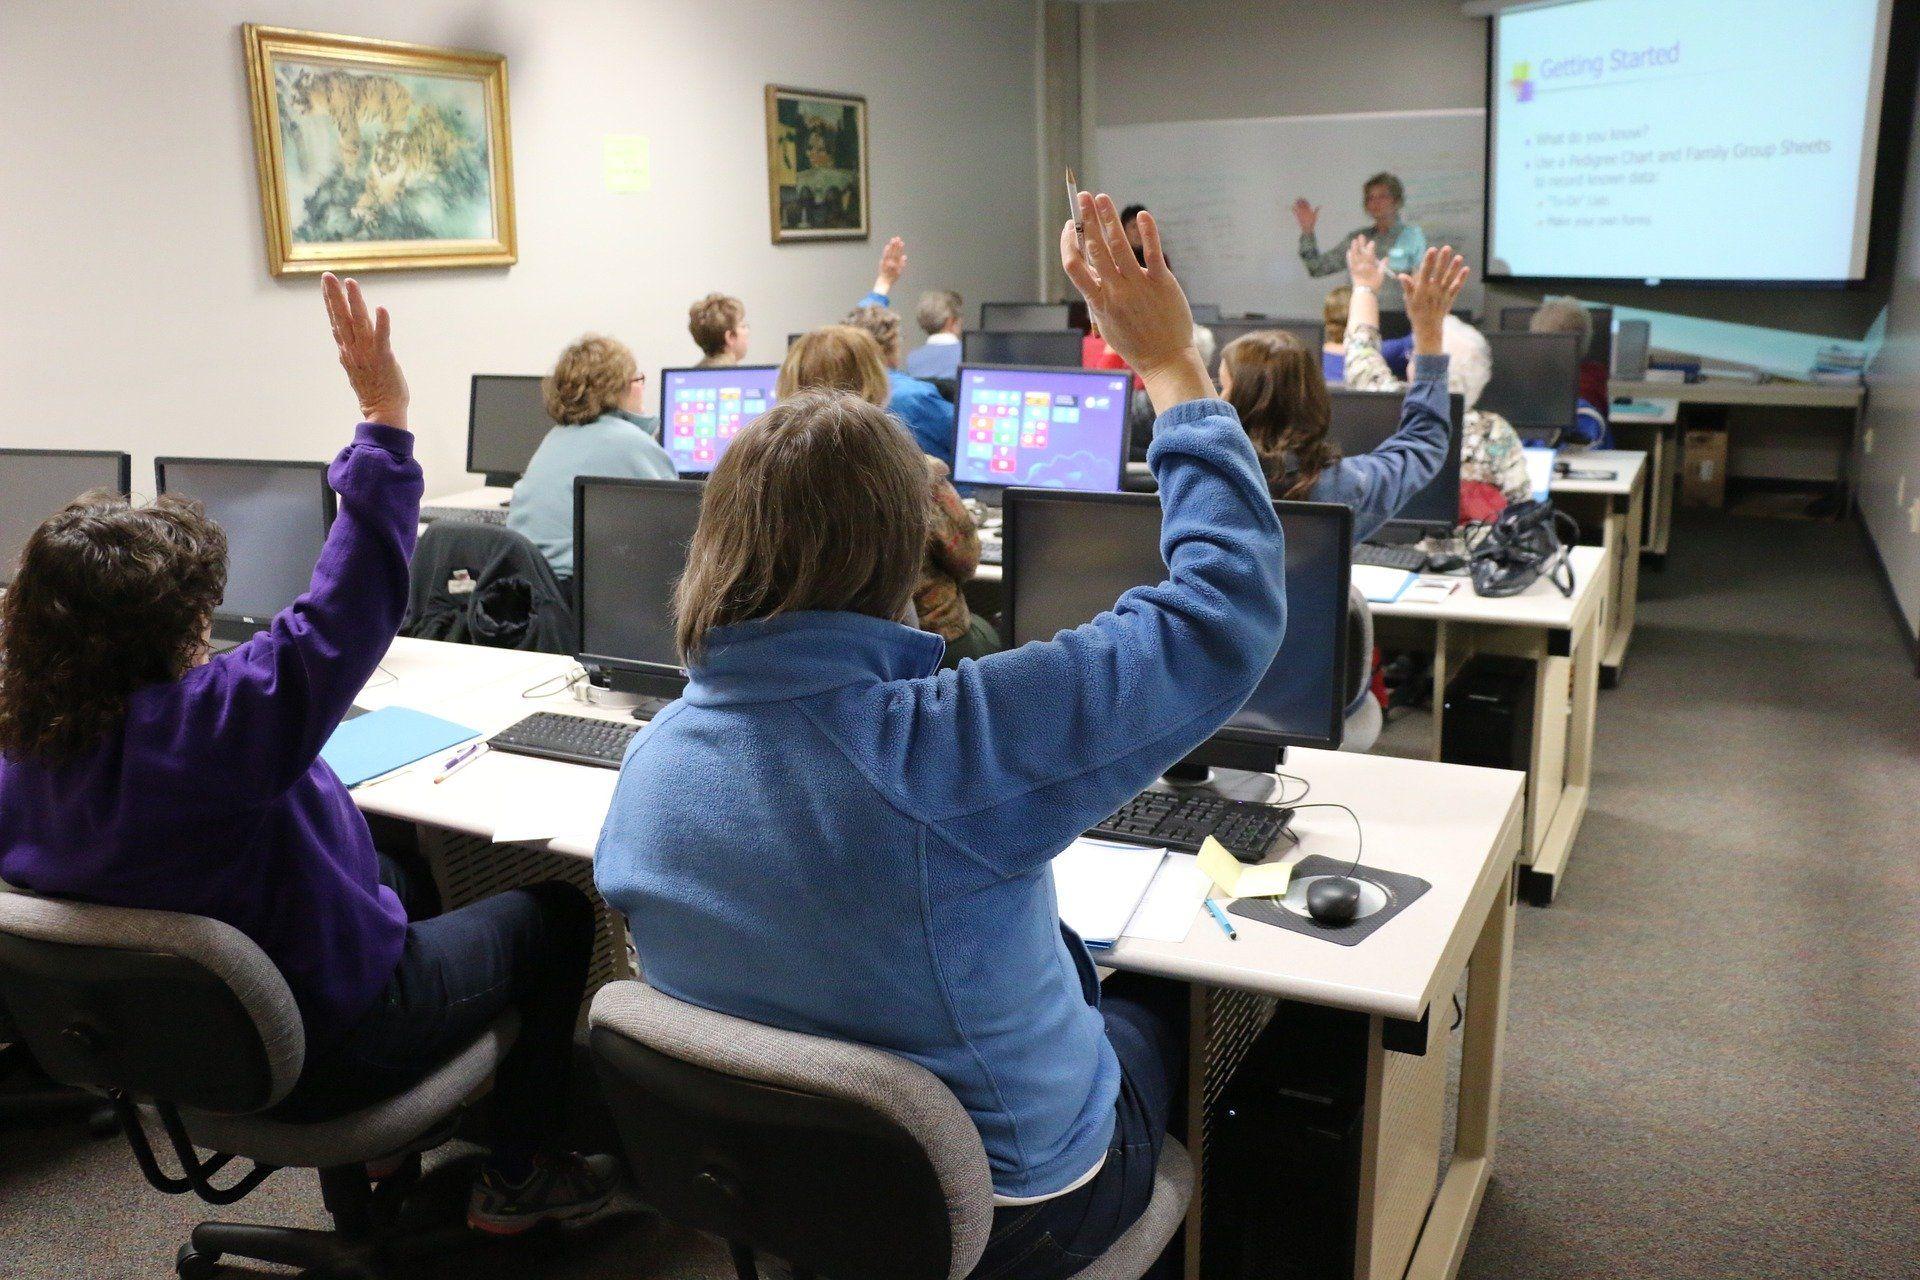 In einem Klassenzimmer sitzen Schüler vor Computern und melden sich.